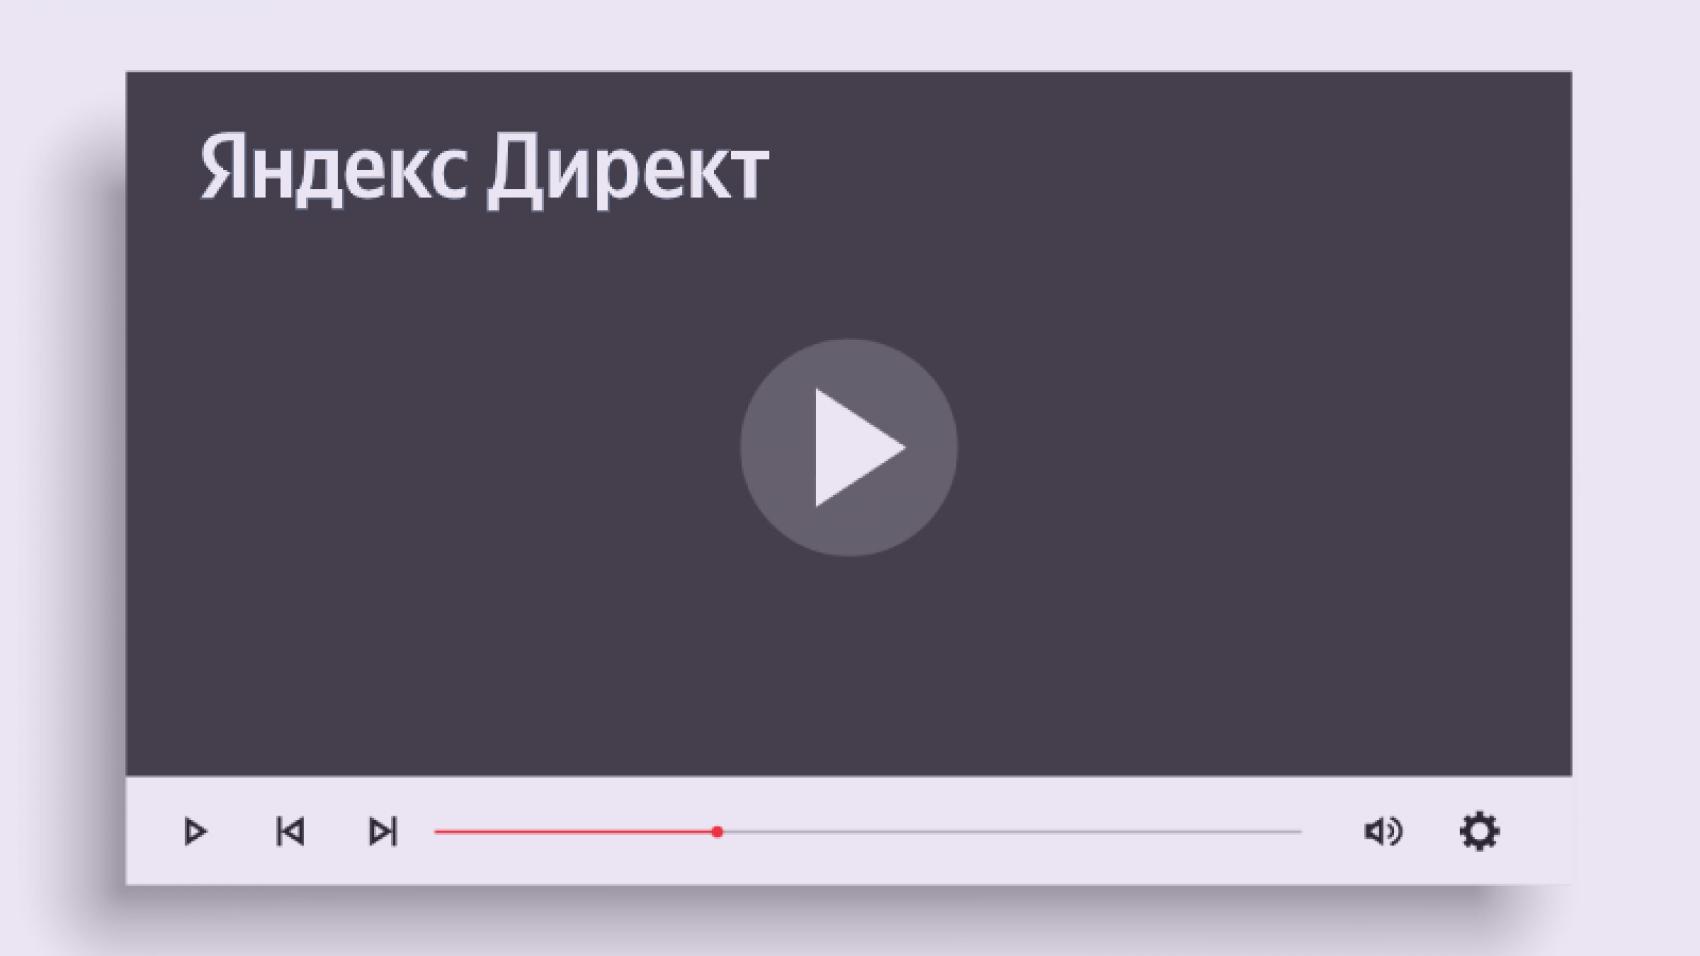 Яндекс.Директ запускает новый формат медийных кампаний – видеобаннеры